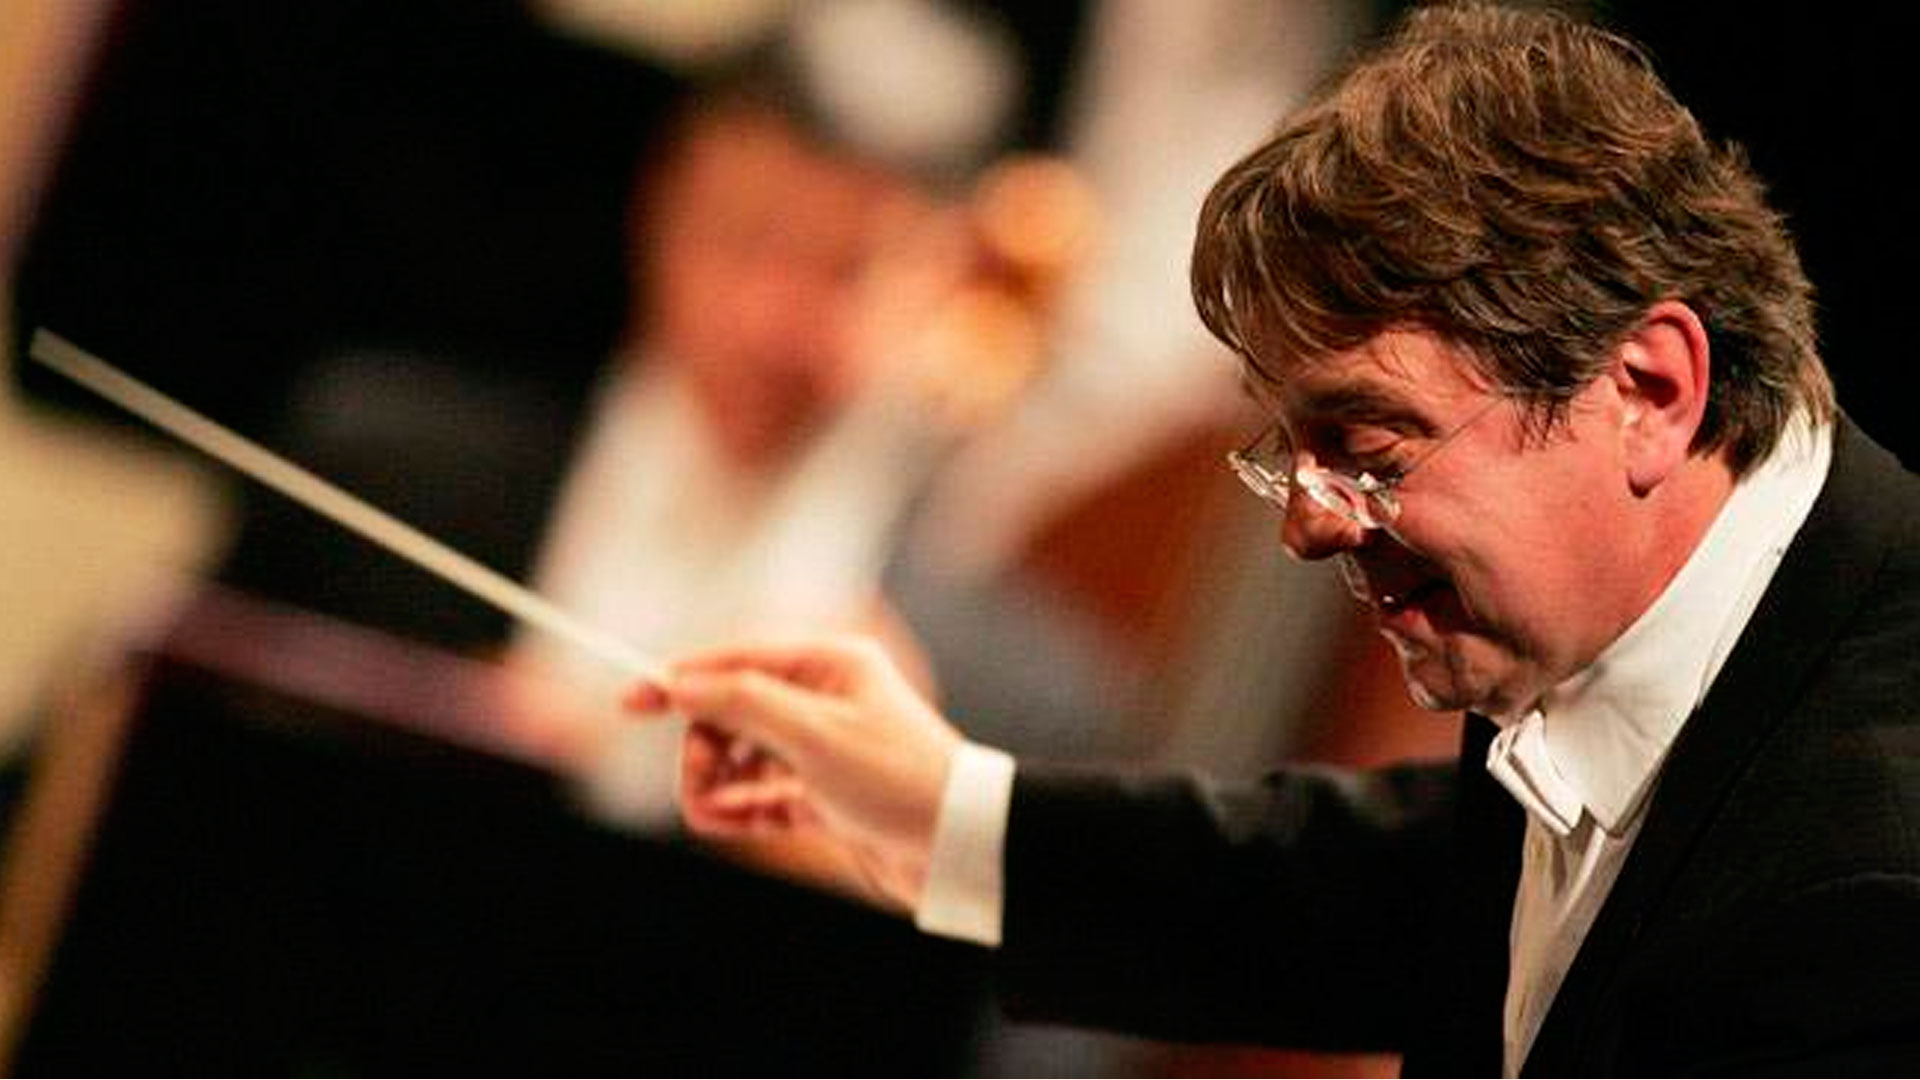 La Fundación BBVA invita a la Orquesta Sinfónica de Galicia y a su director Víctor Pablo Pérez para el concierto en homenaje a los galardonados con los Premios Fronteras del Conocimiento